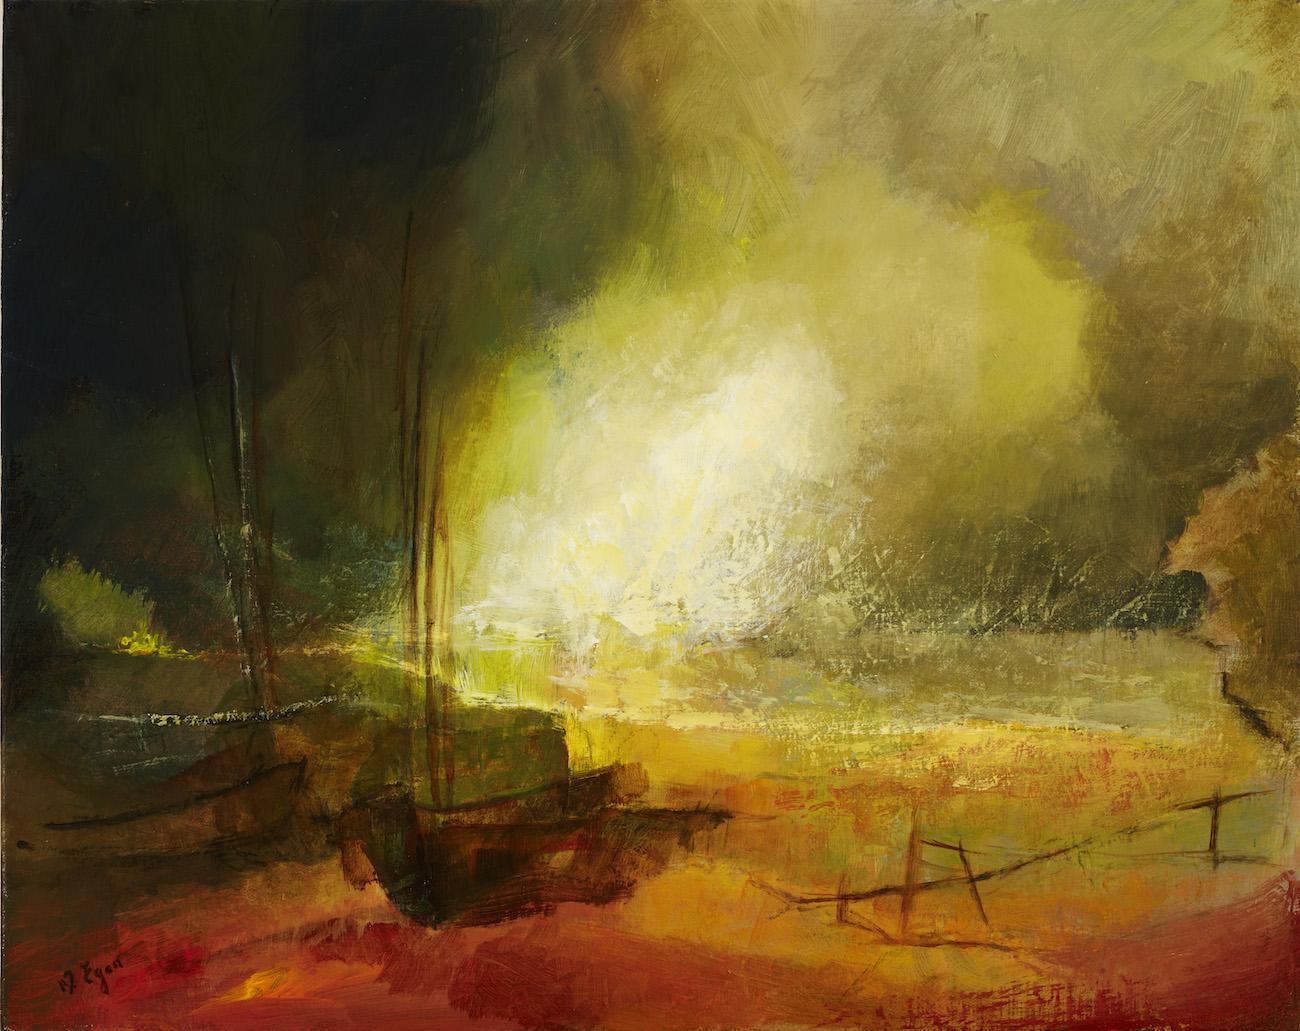 Margaret Egan, Roundstone II, acrylic on linen, 40 x 50cm